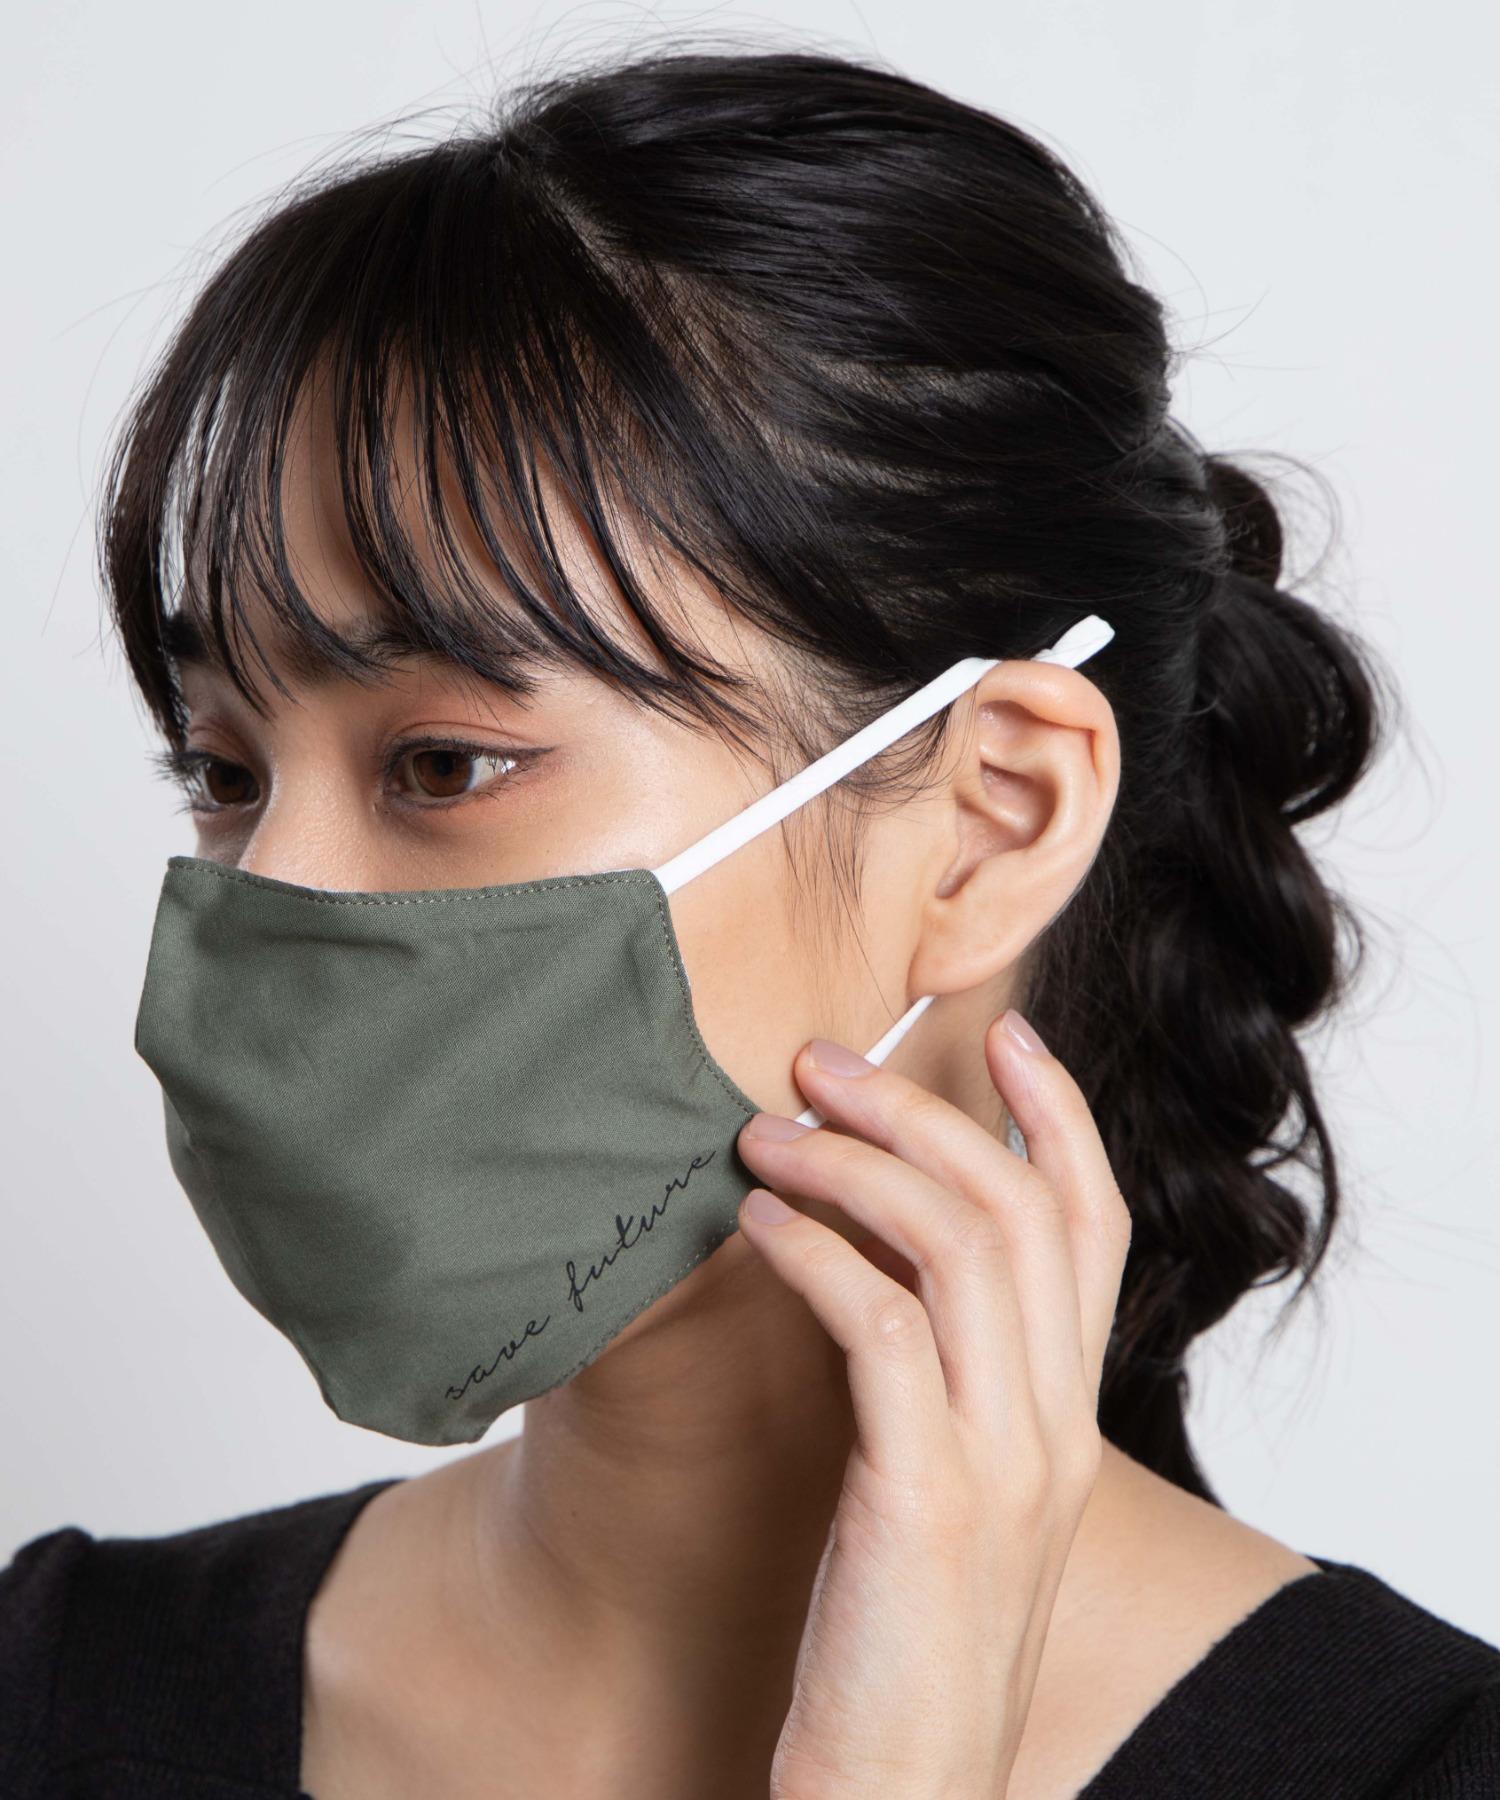 【WEGO公式】シンプルロゴマスク LG20AU09-G5056